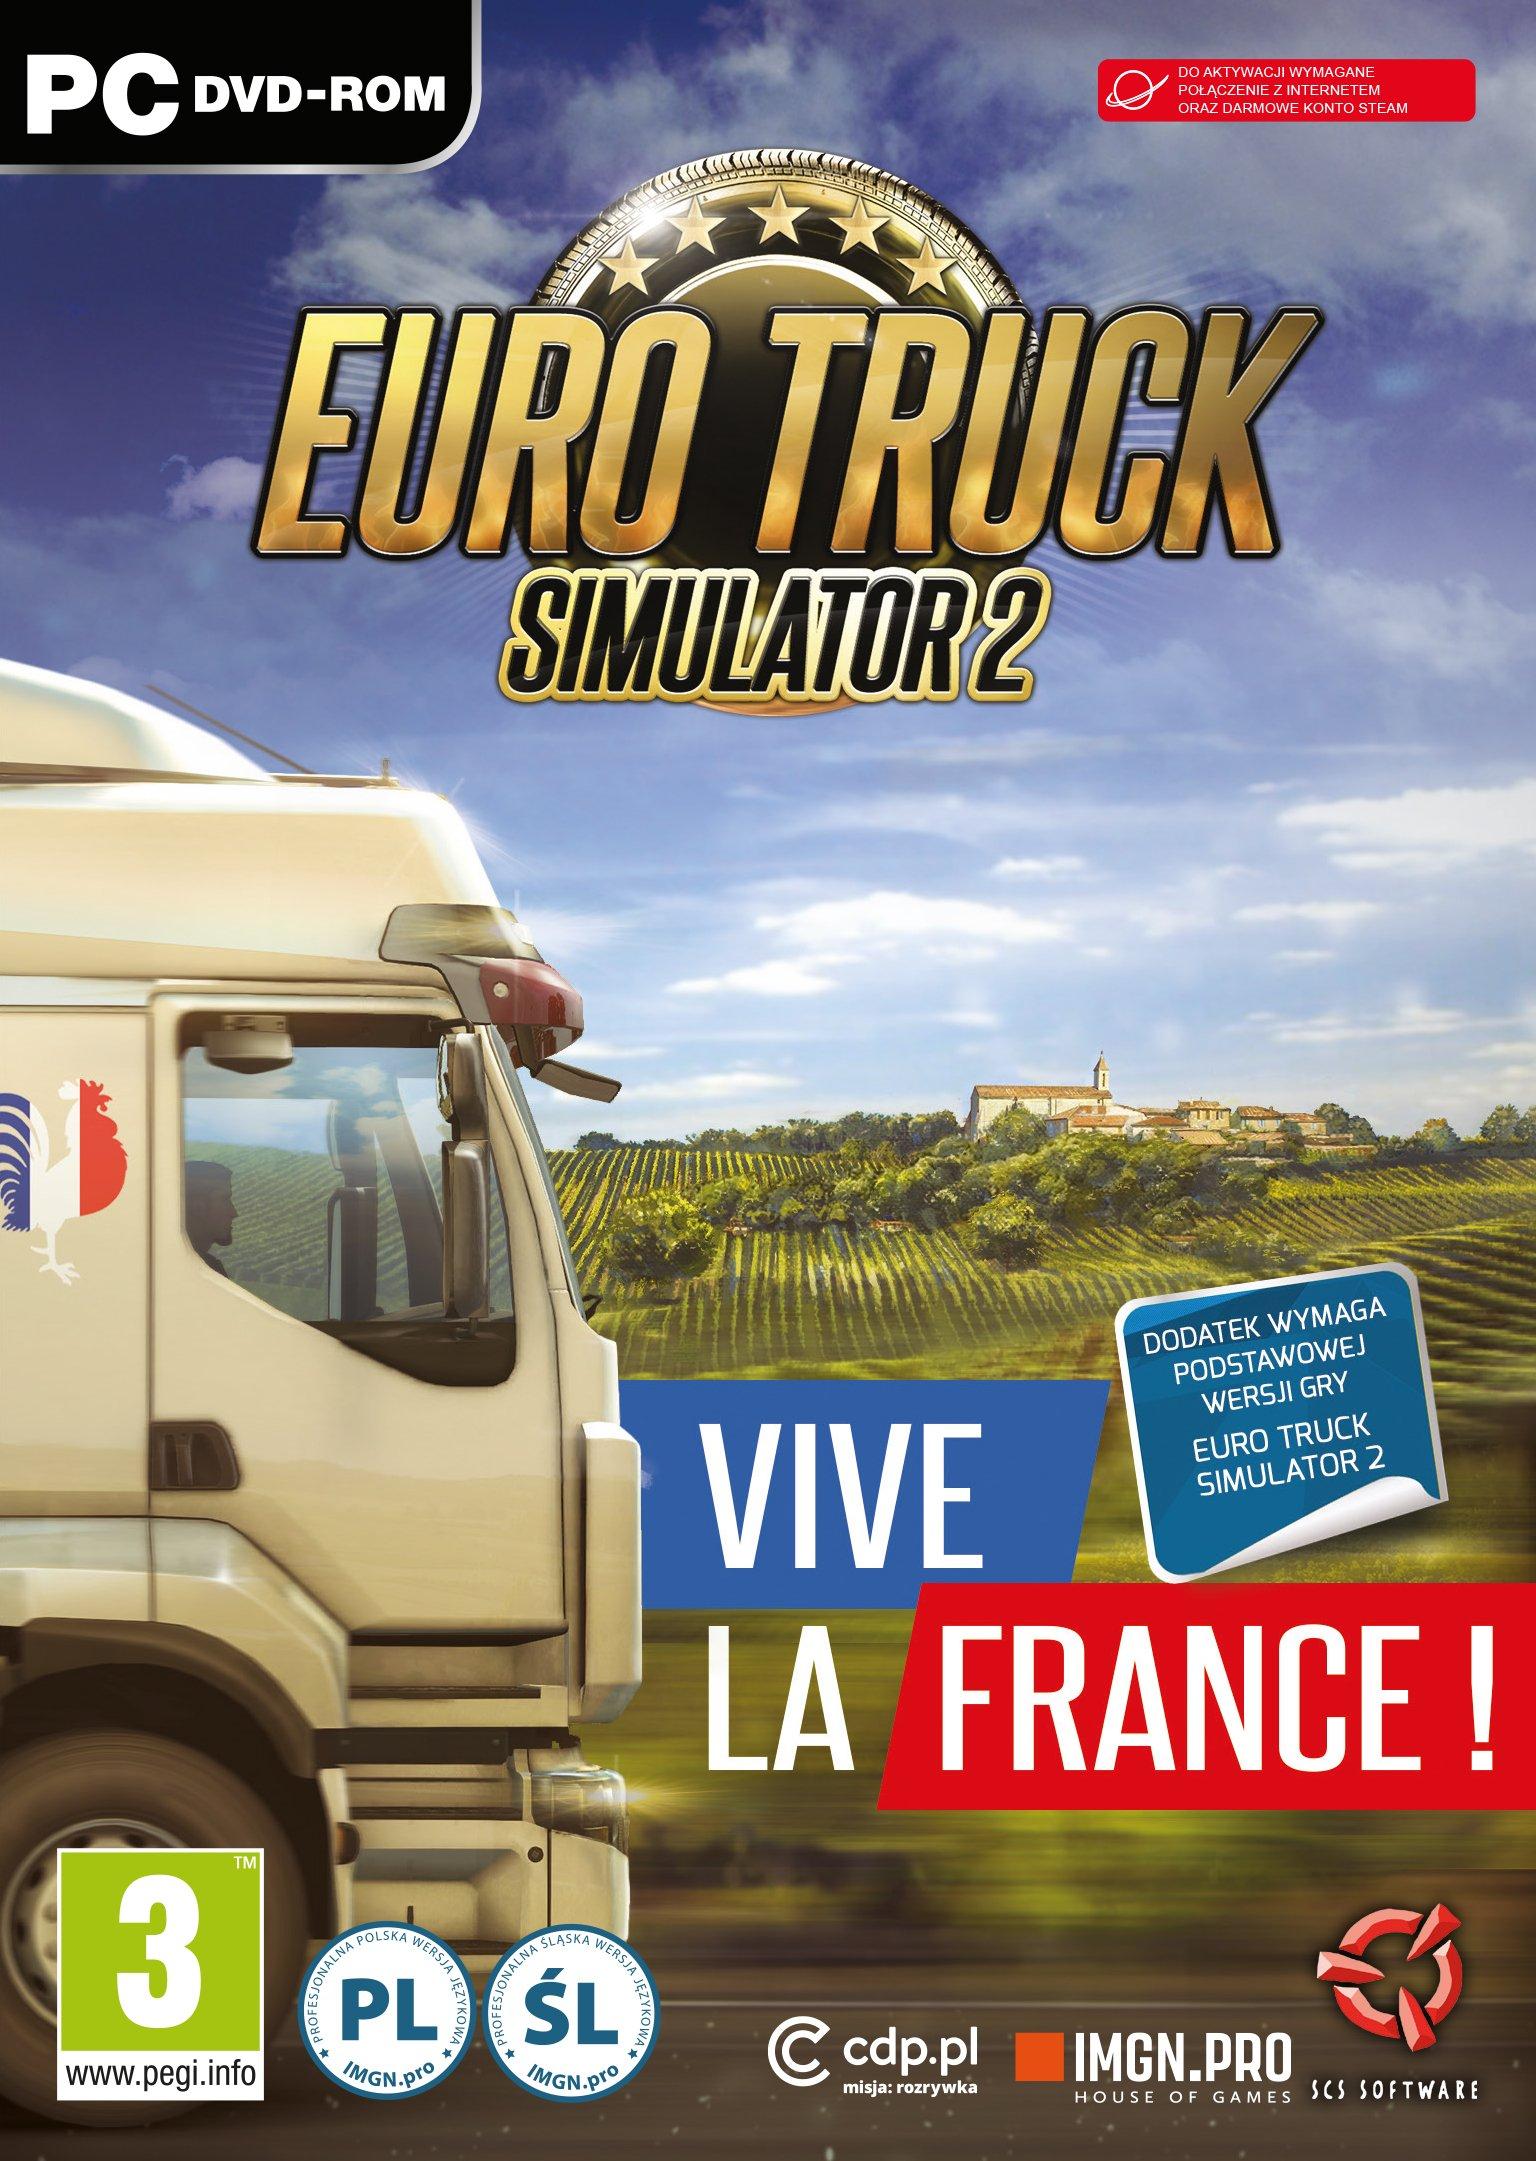 Euro Truck Simulator 2 Vive la France! PC: Amazon.es: Libros en idiomas extranjeros